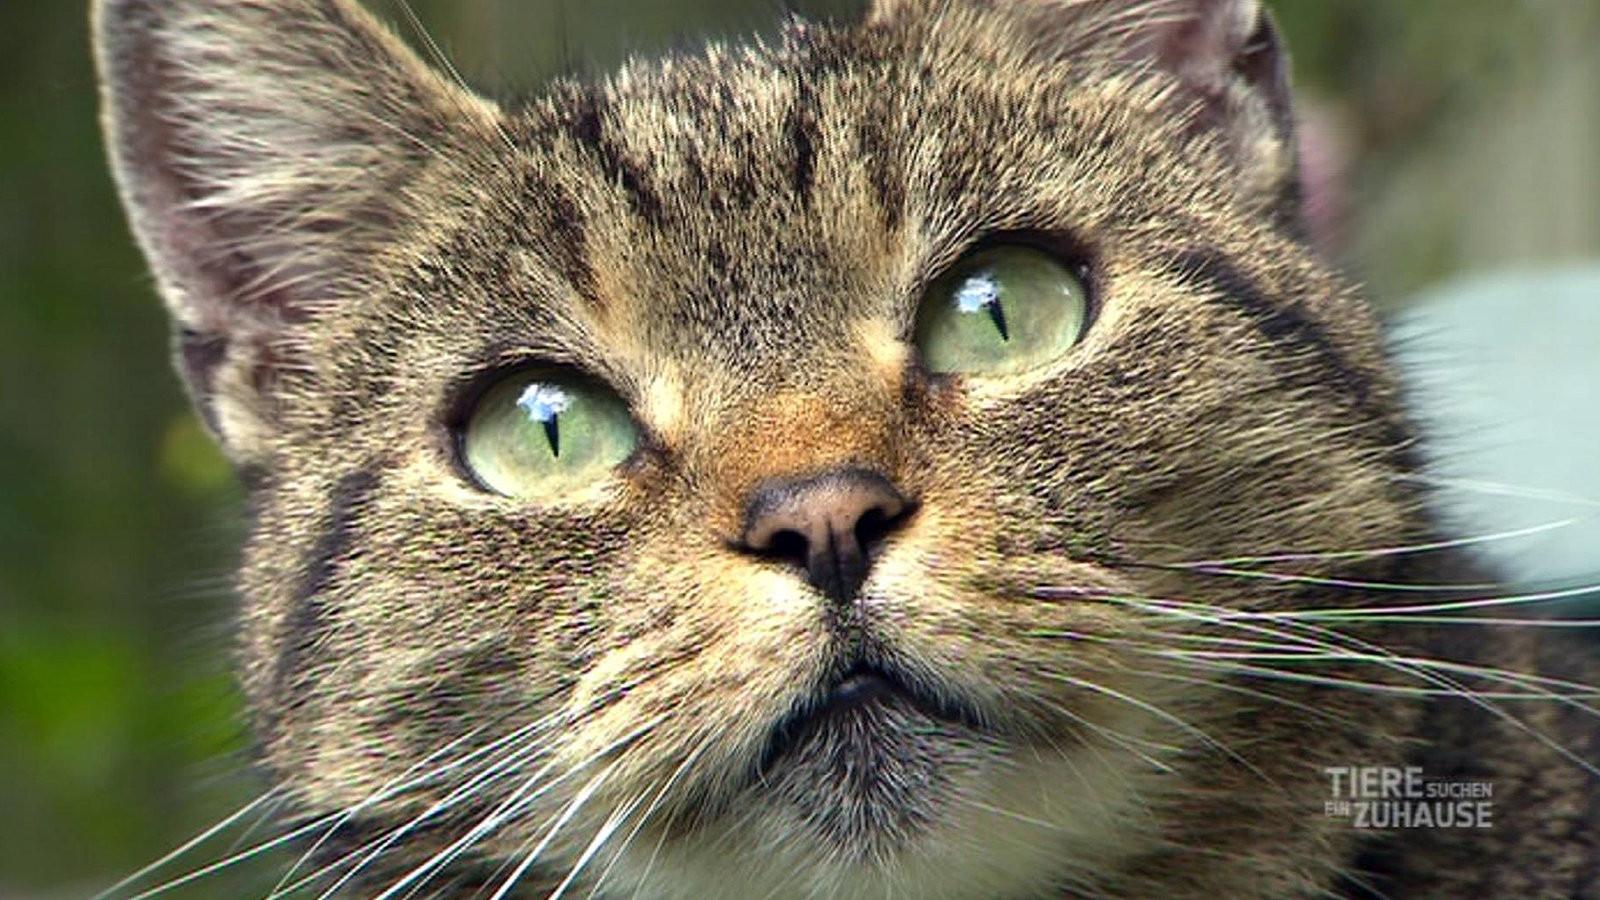 Tiere Suchen Ein Zu Hause  Tiere suchen ein Zuhause Fernsehen WDR